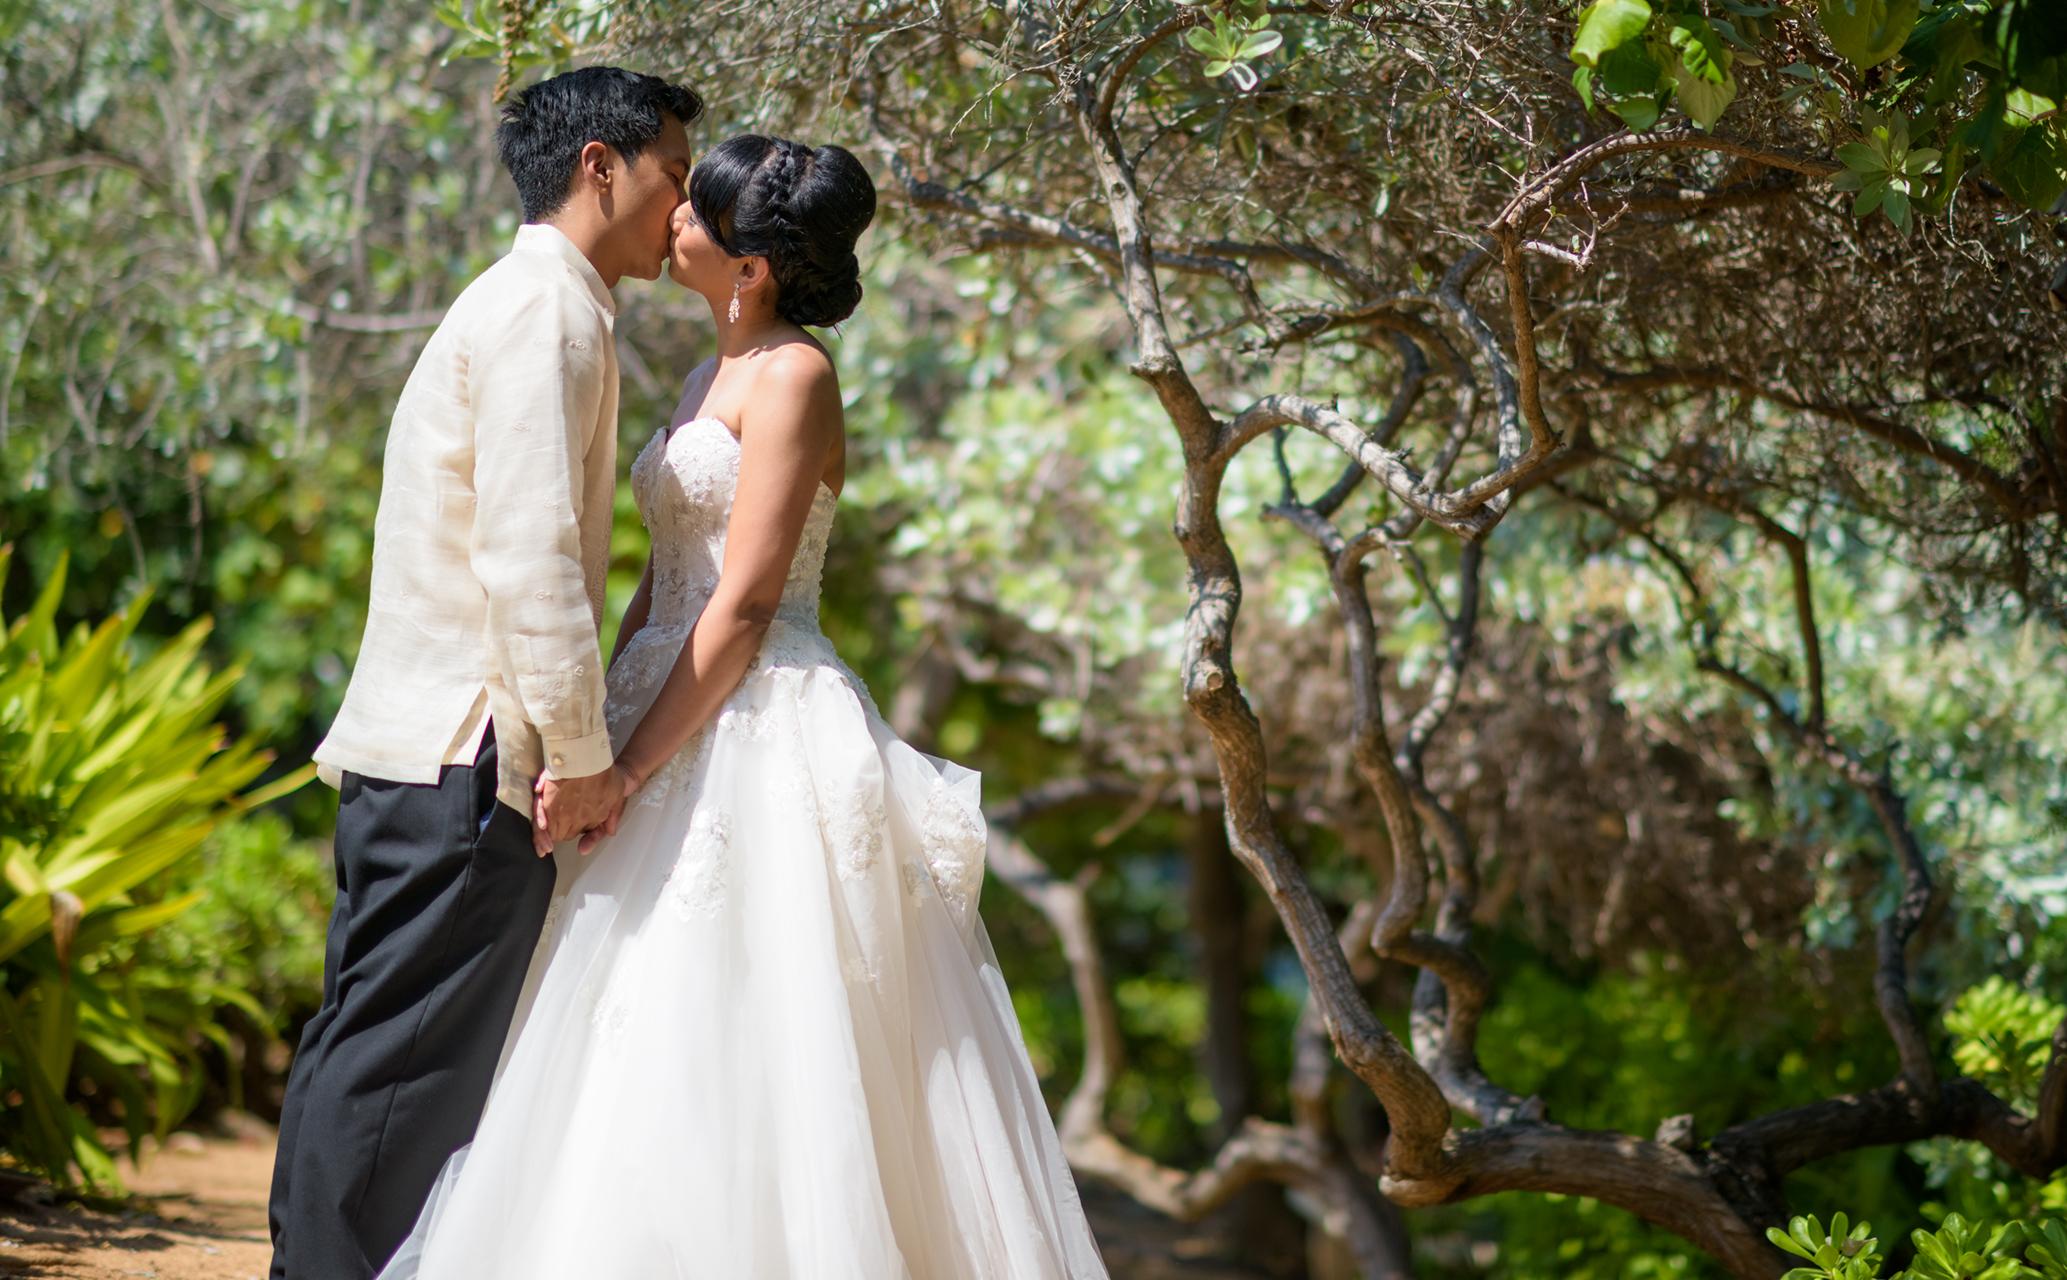 Bride and groom at The Kahala Hawaii